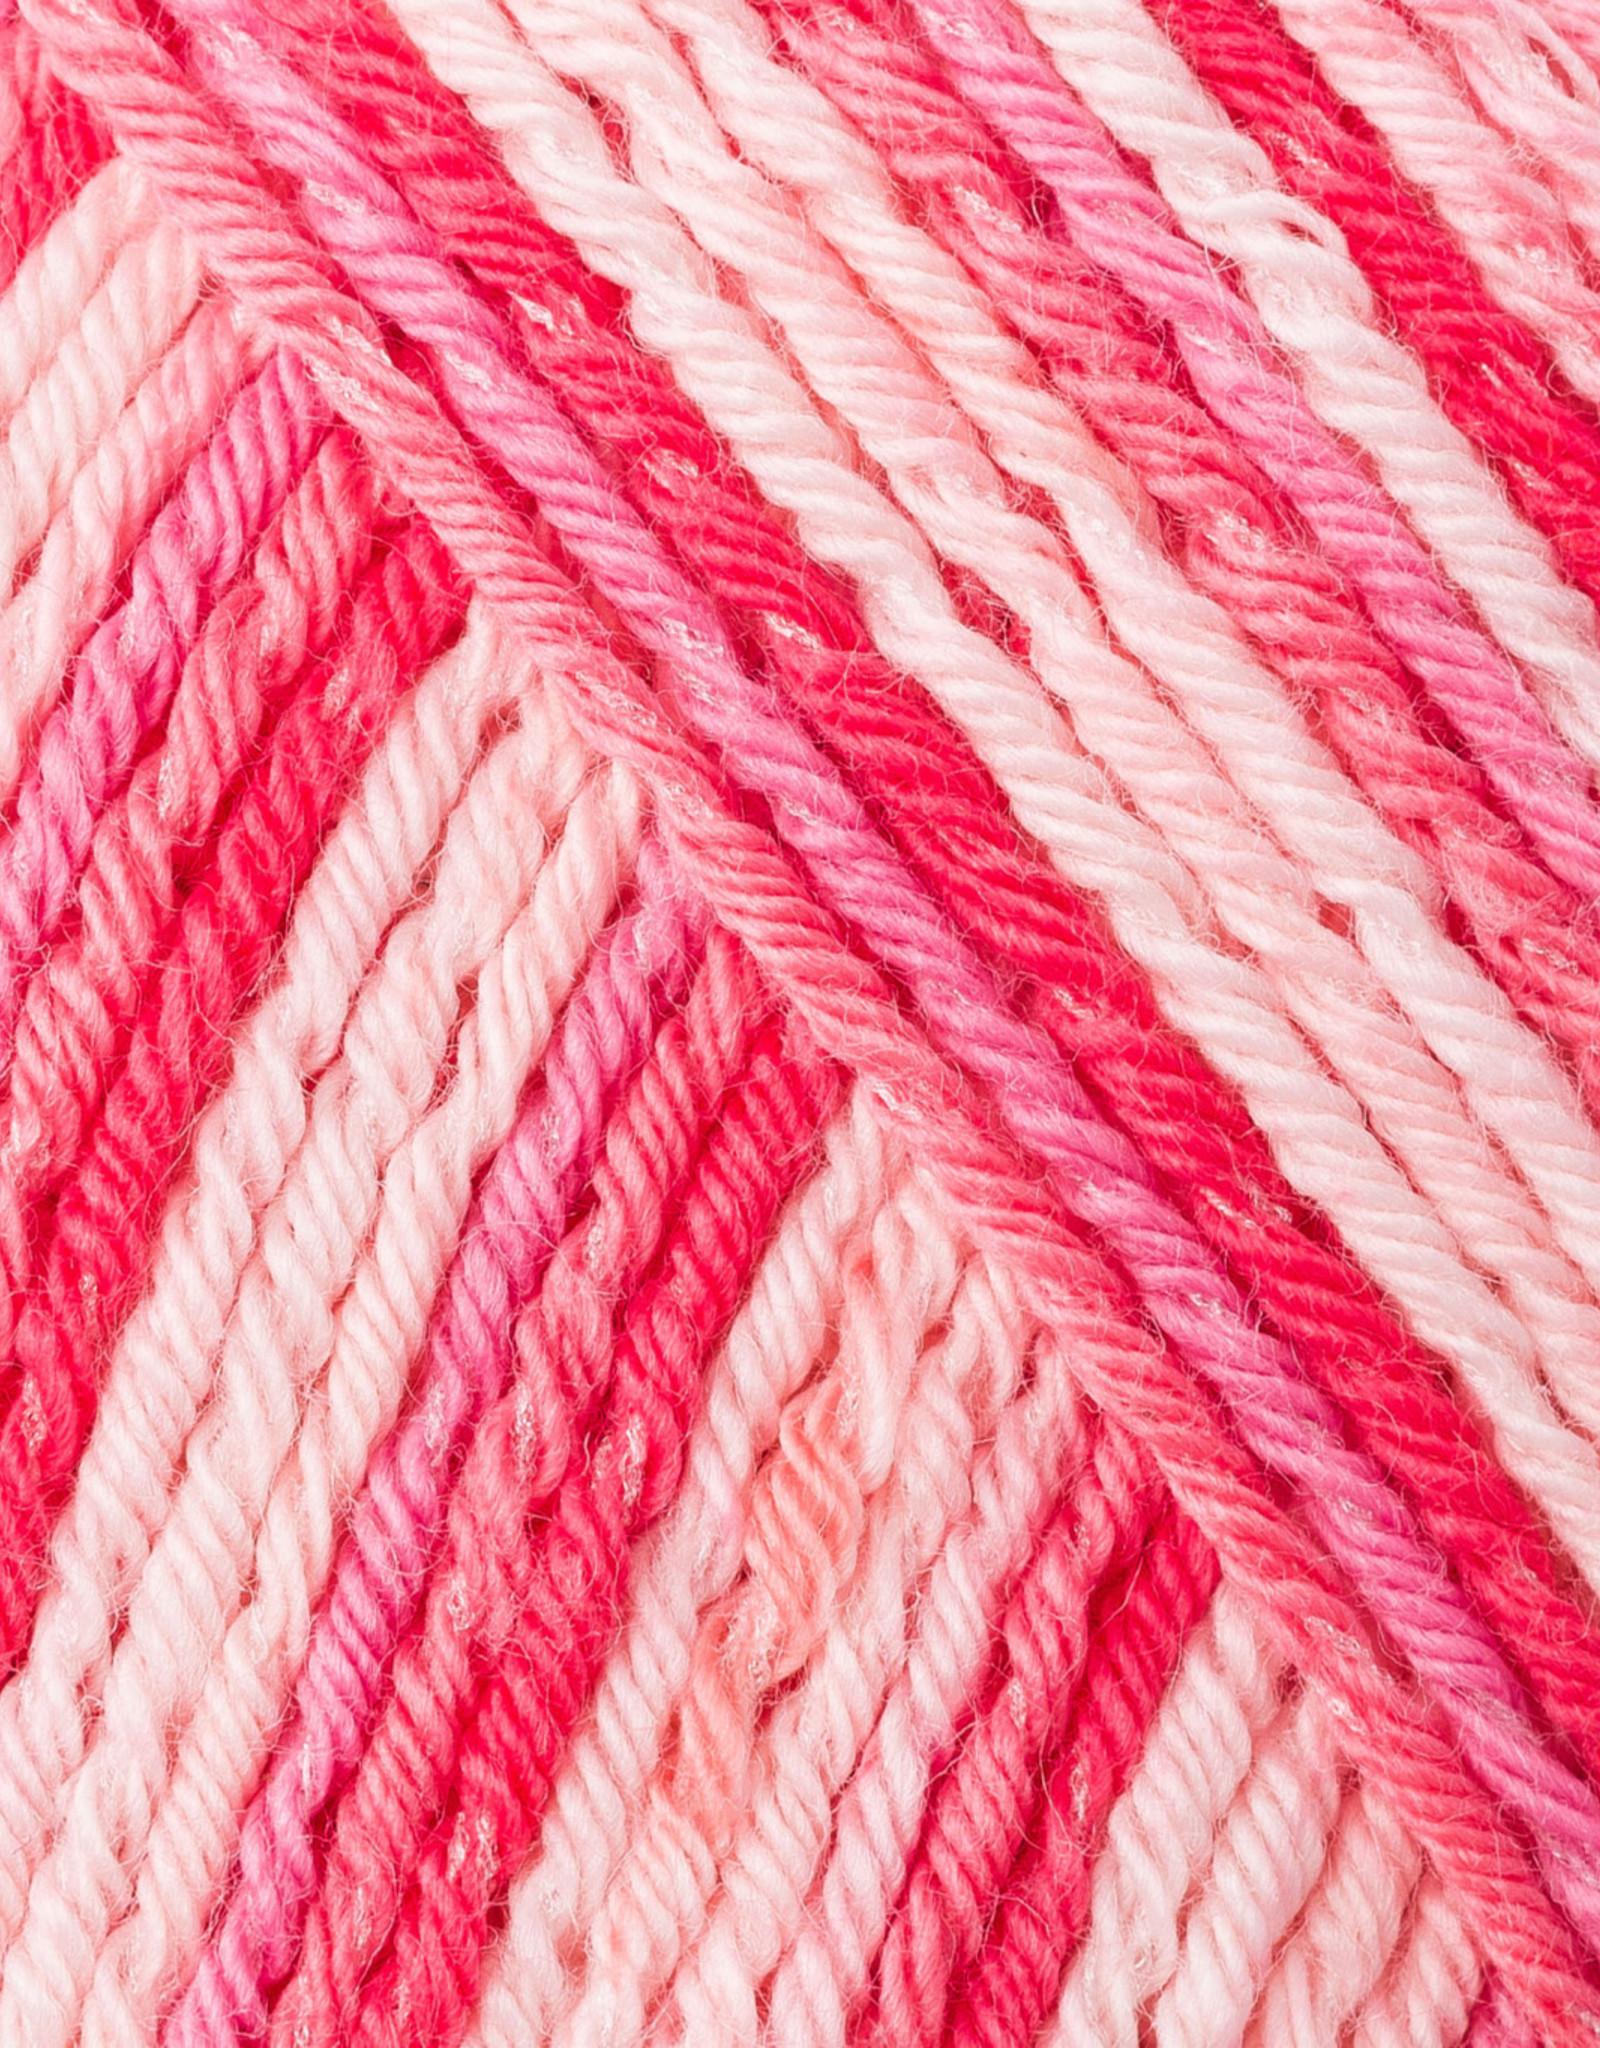 Regia Tutti Frutti Cotton by Regia